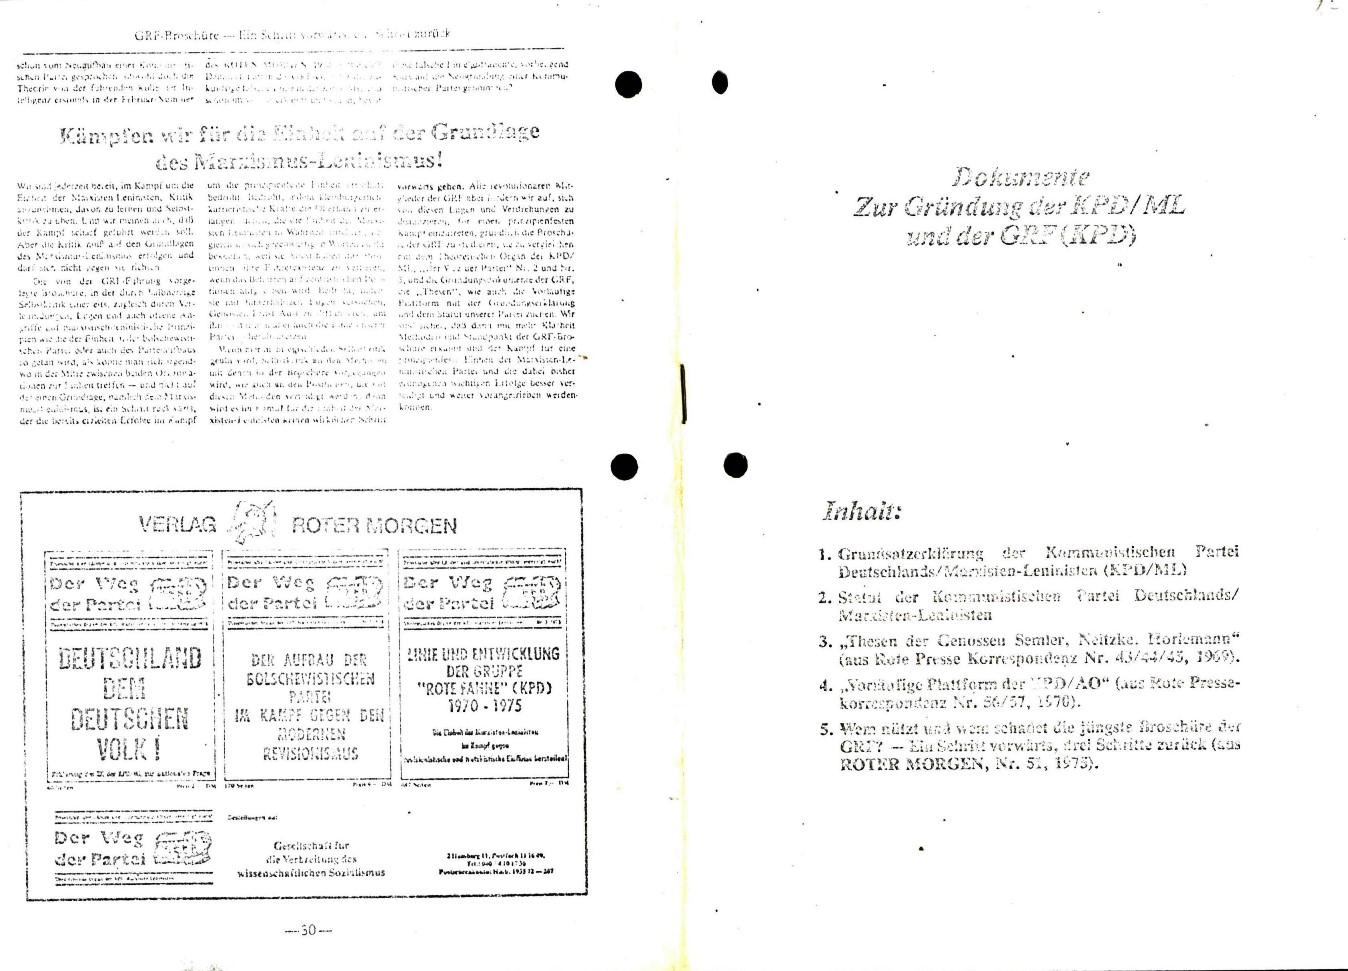 KPDML_1976_Dokumente_zur_Gruendung_01